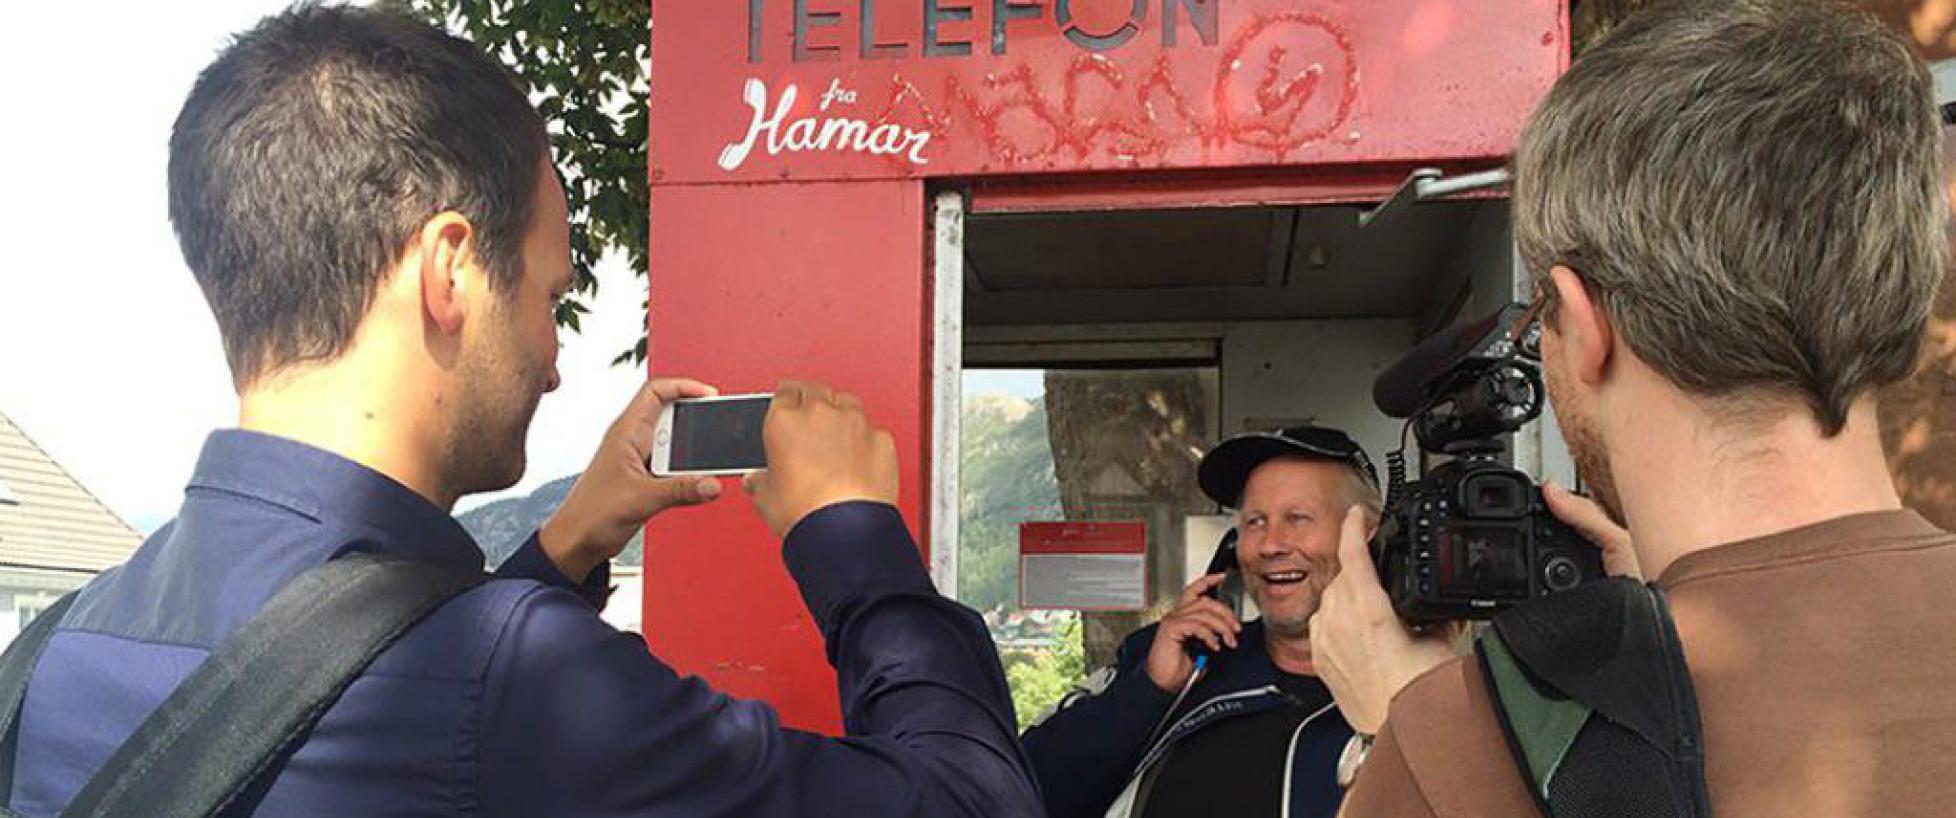 norsk telefon sex stillinger sex